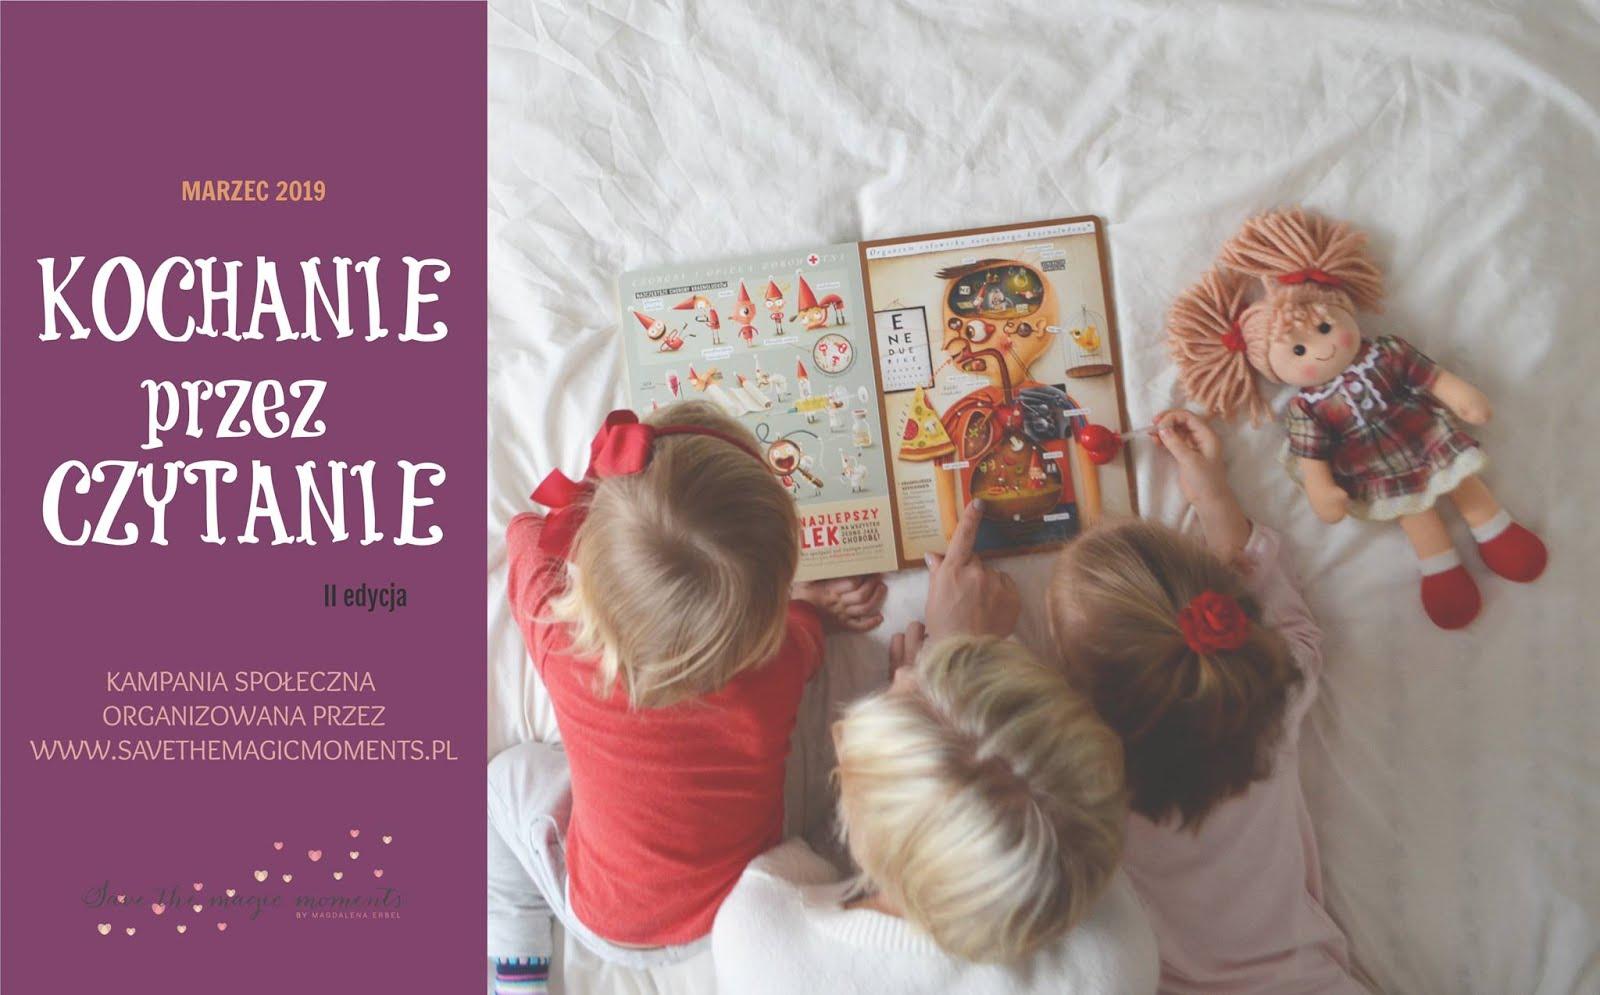 Kochanie przez czytanie 2019